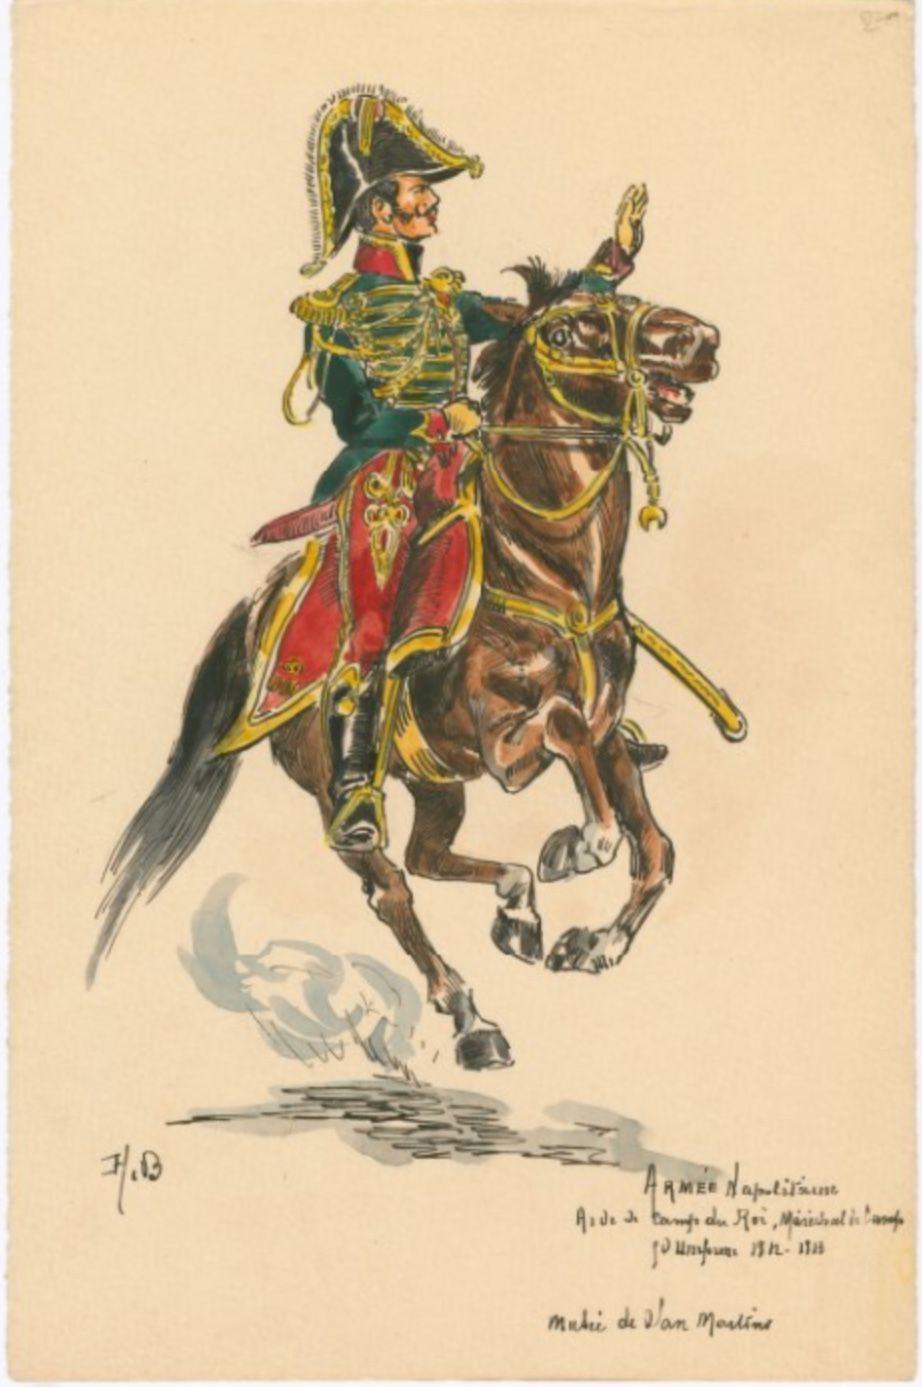 Armée Napolitaine: Aide de Camp du Roi... 1812-1813, by H. Boisselier.